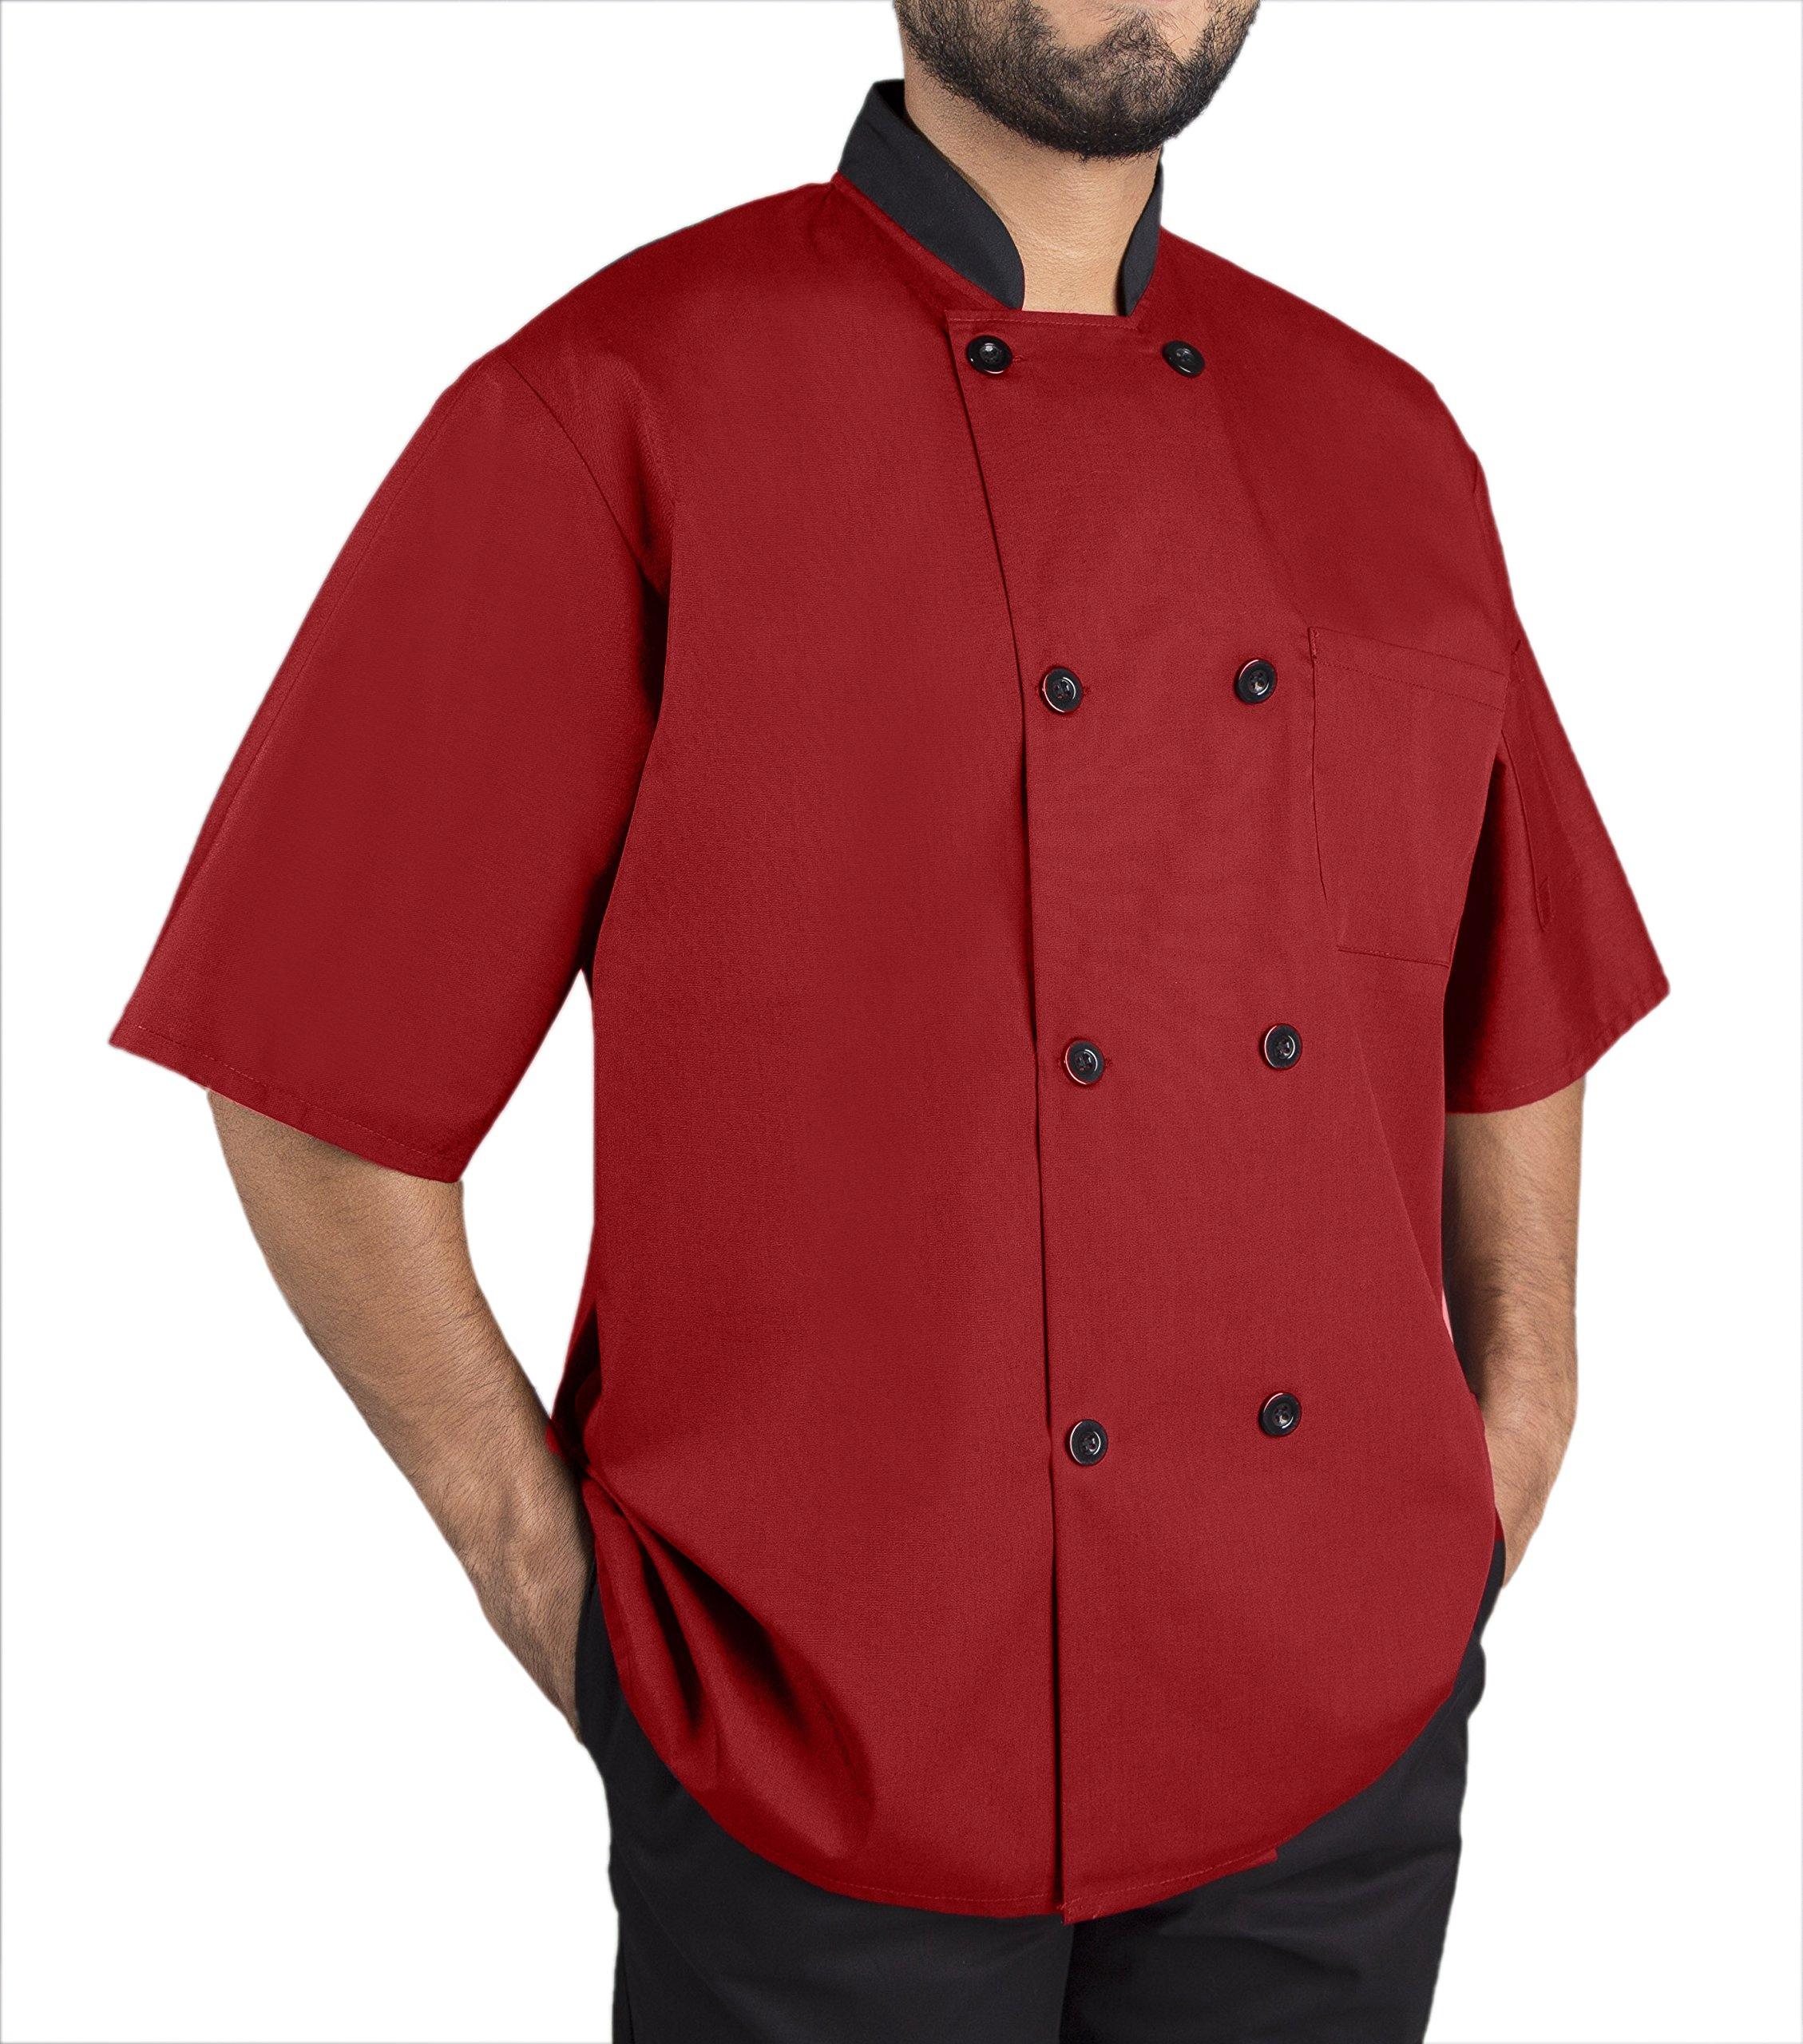 9f82fc19e09 Amazon.com  Happy Chef